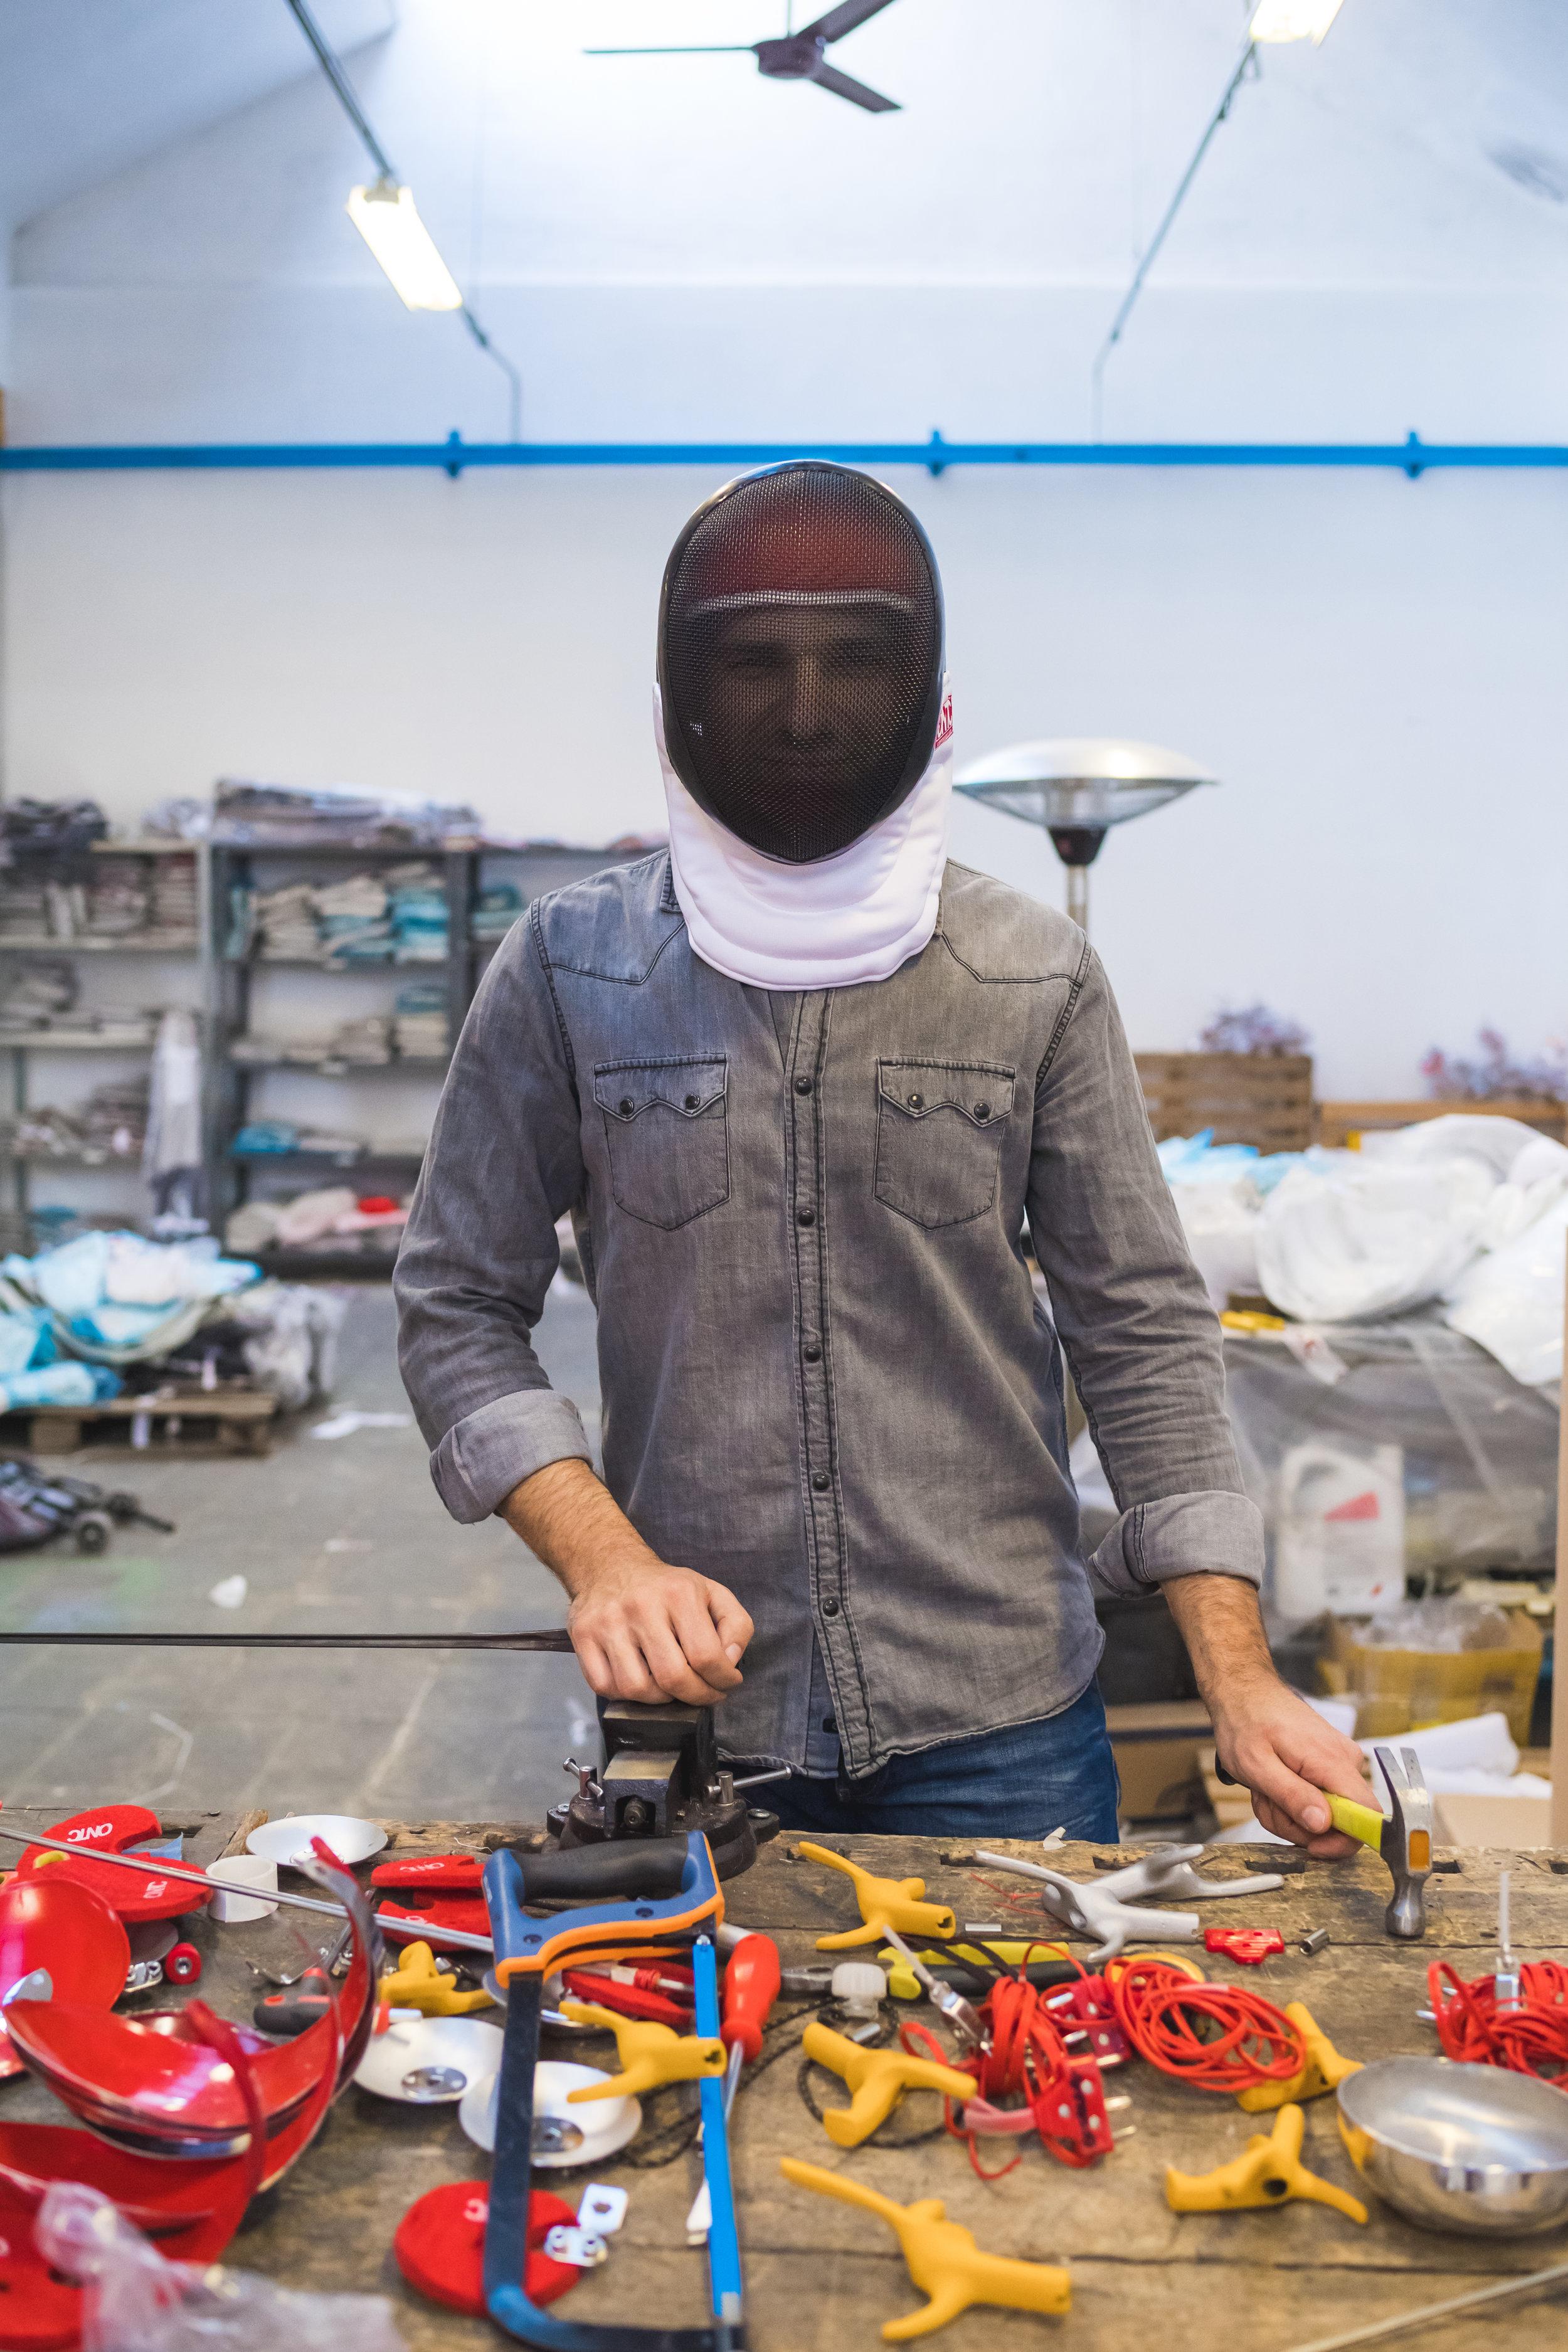 23-03-18 fencing props busto arsizio-526.jpg